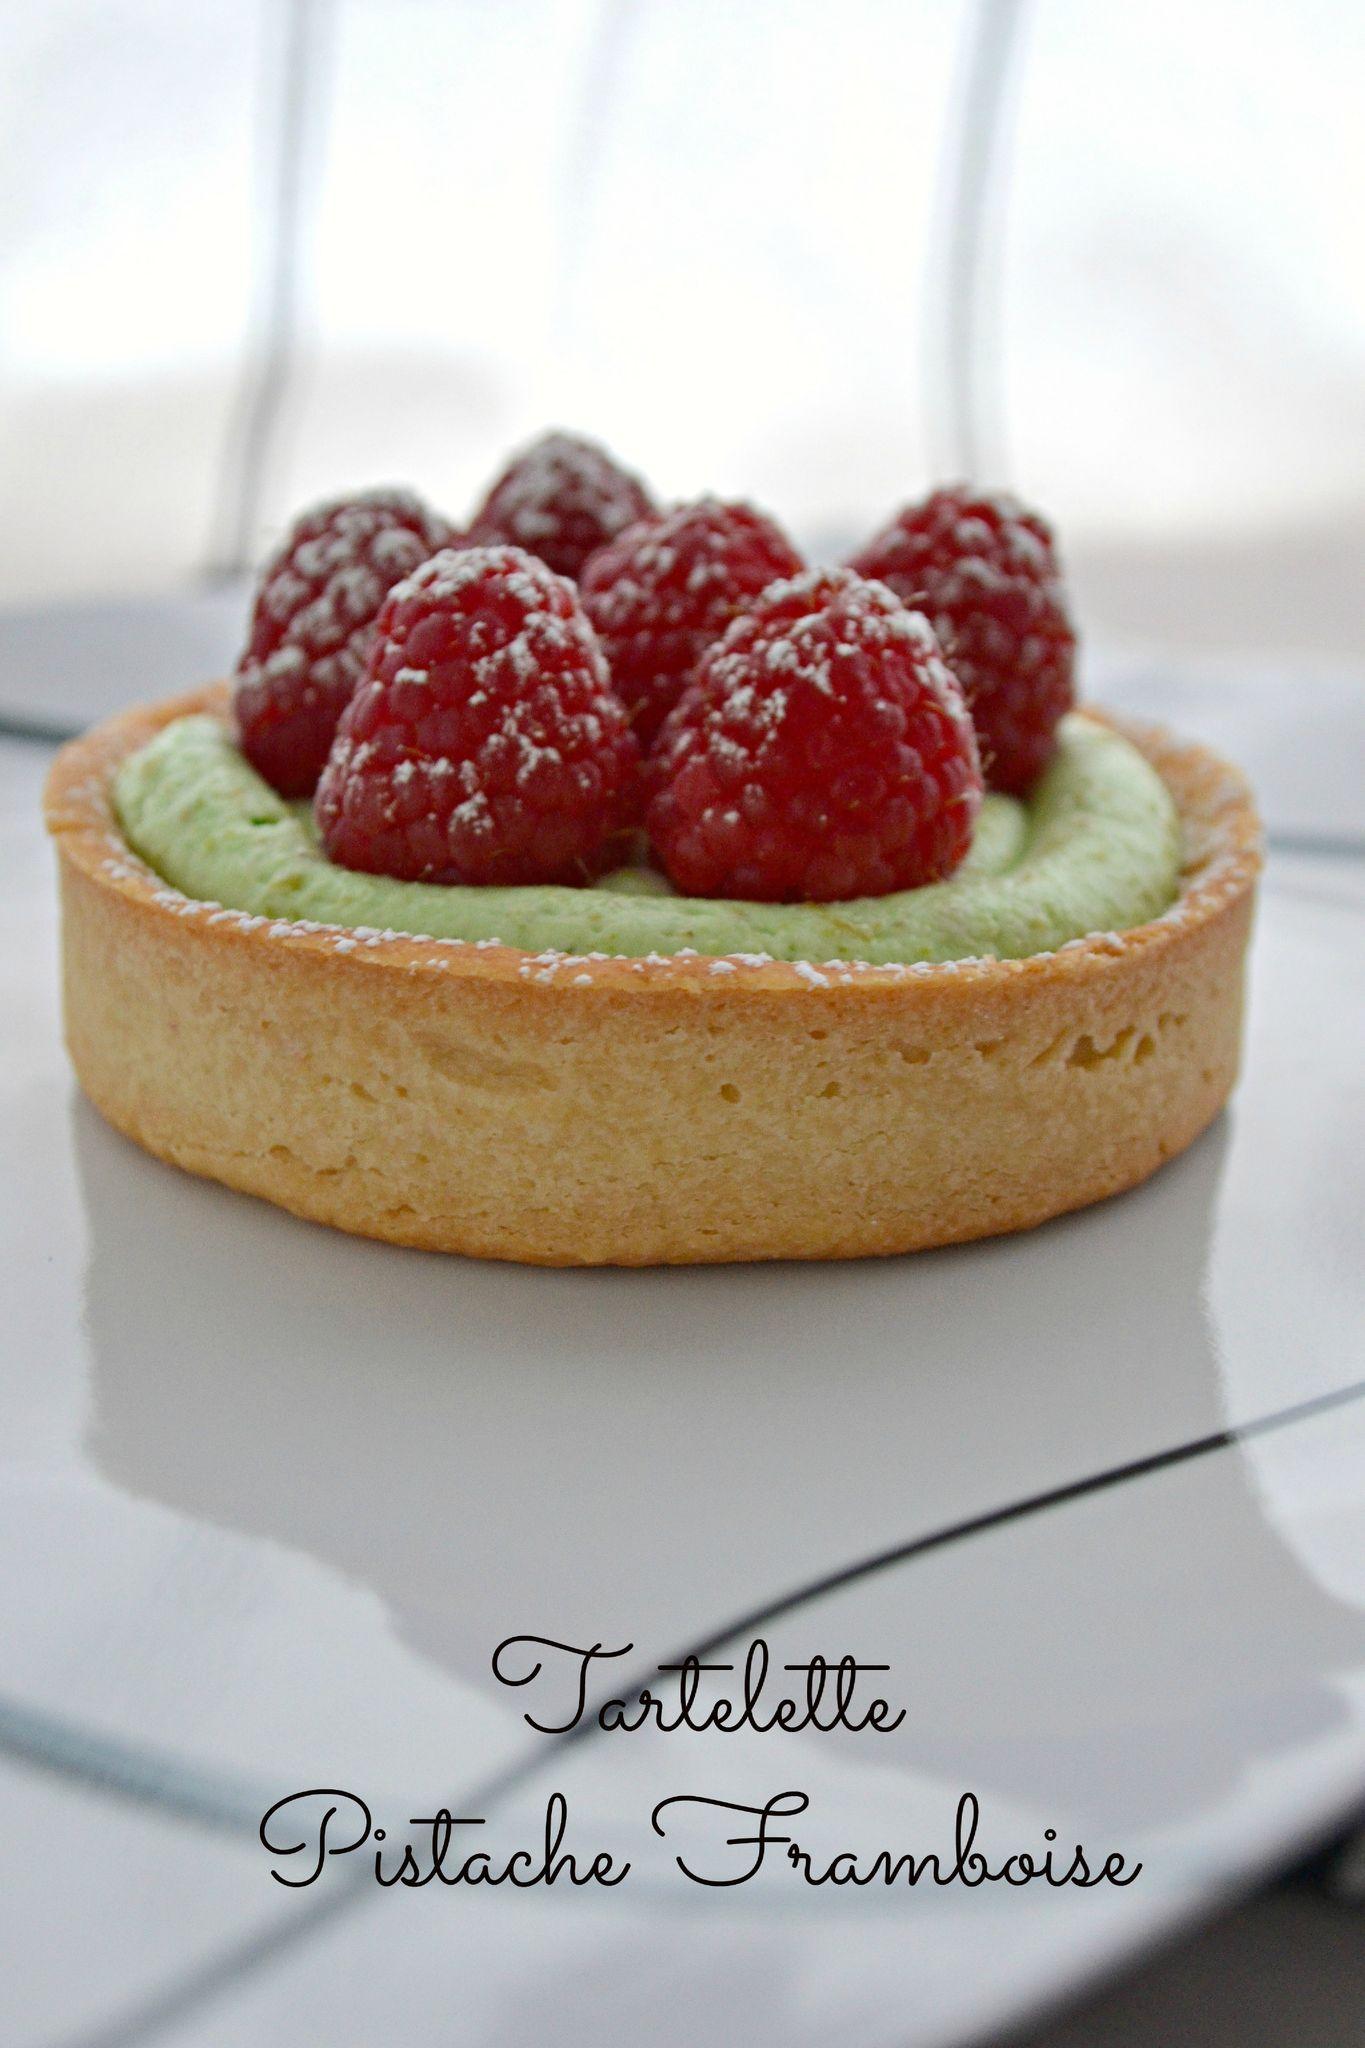 Tartelette pistache framboise Patisserie Pinterest